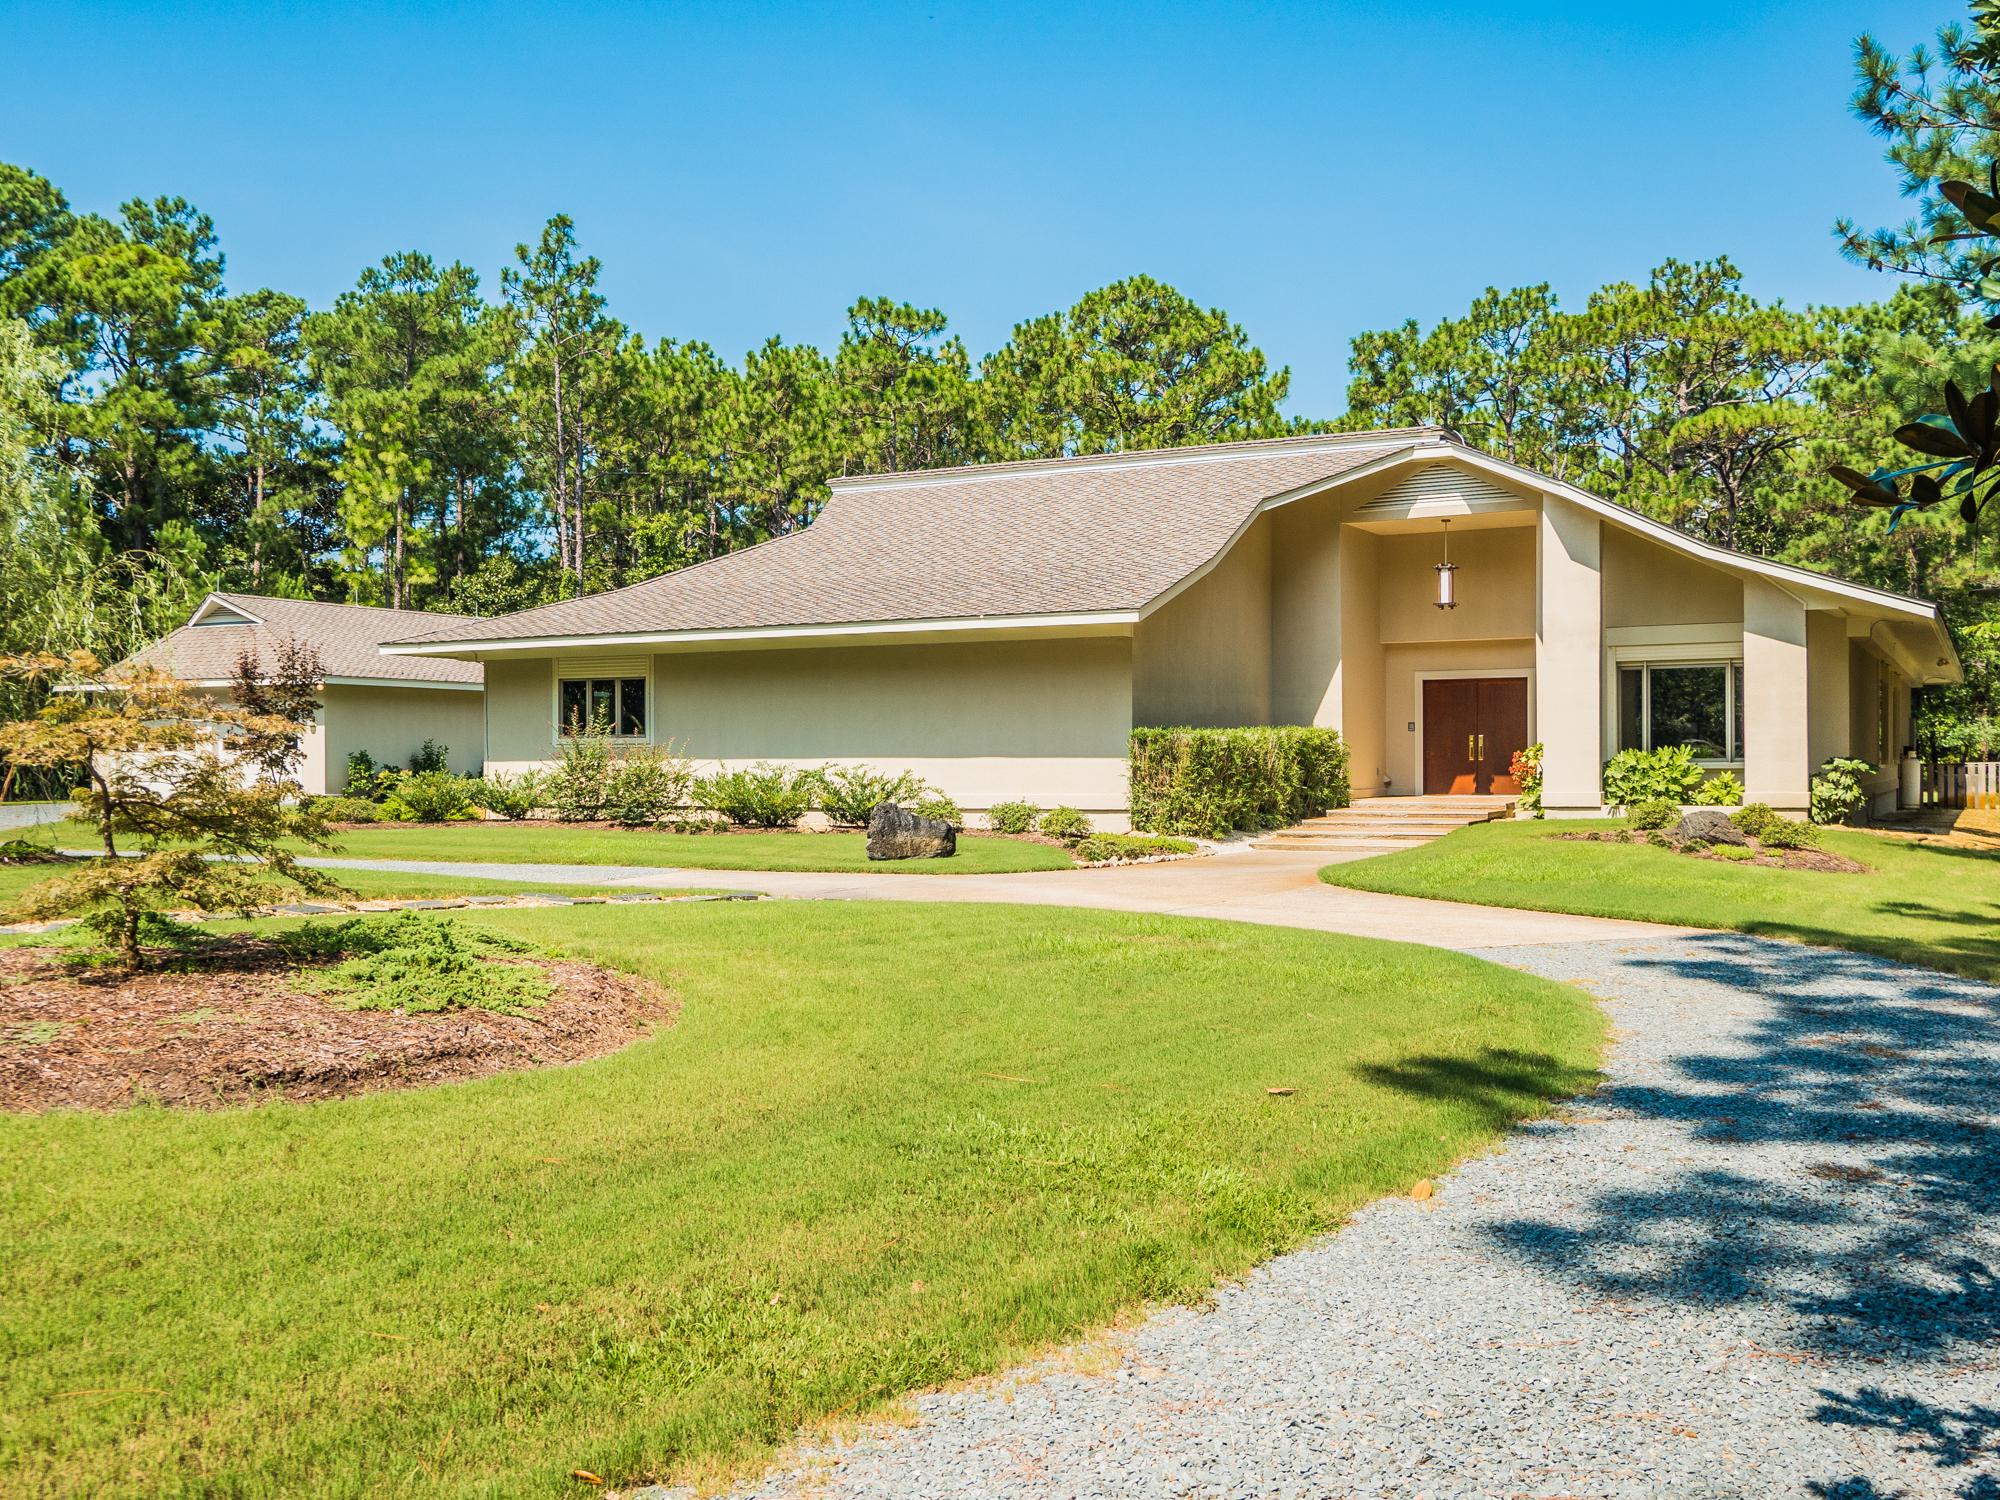 Single Family Home for Sale at Unique Contemporary Private Retreat 7211 Masonboro Sound Rd Wilmington, North Carolina, 28409 United States